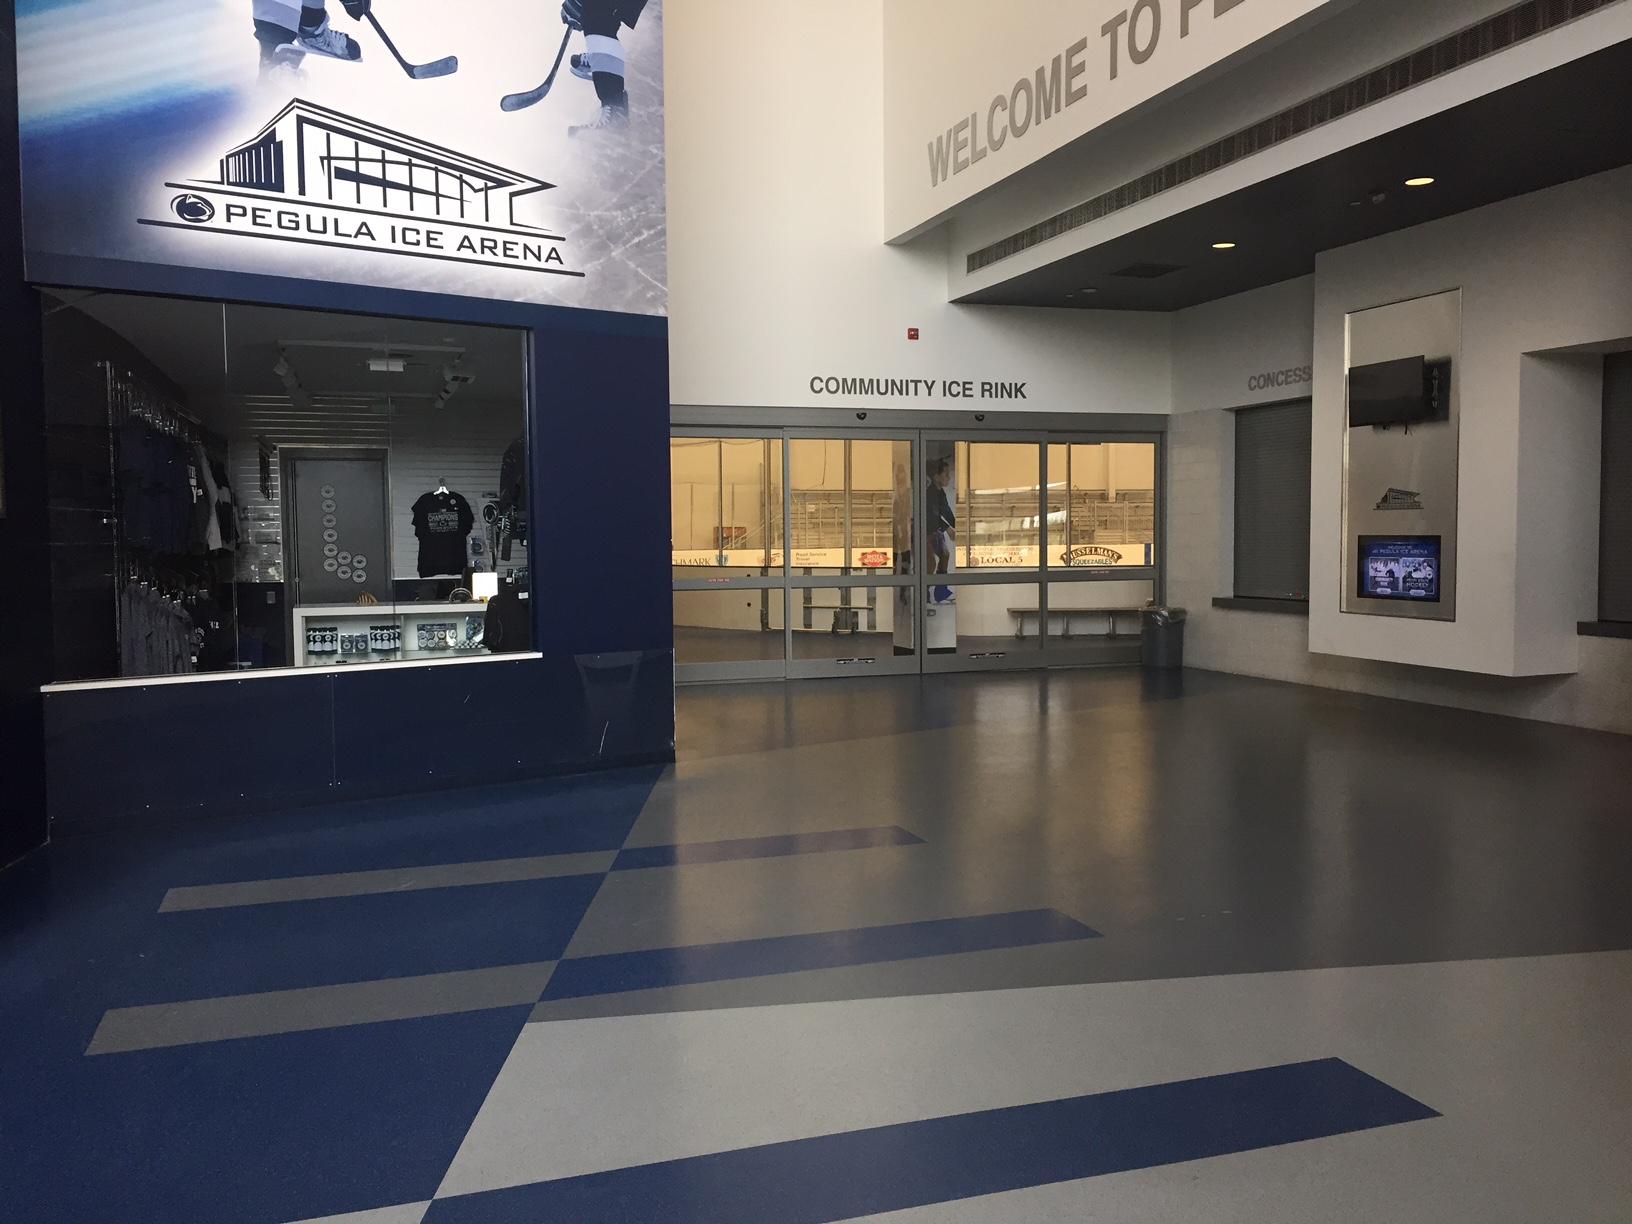 Pegula Ice Arena - Penn State